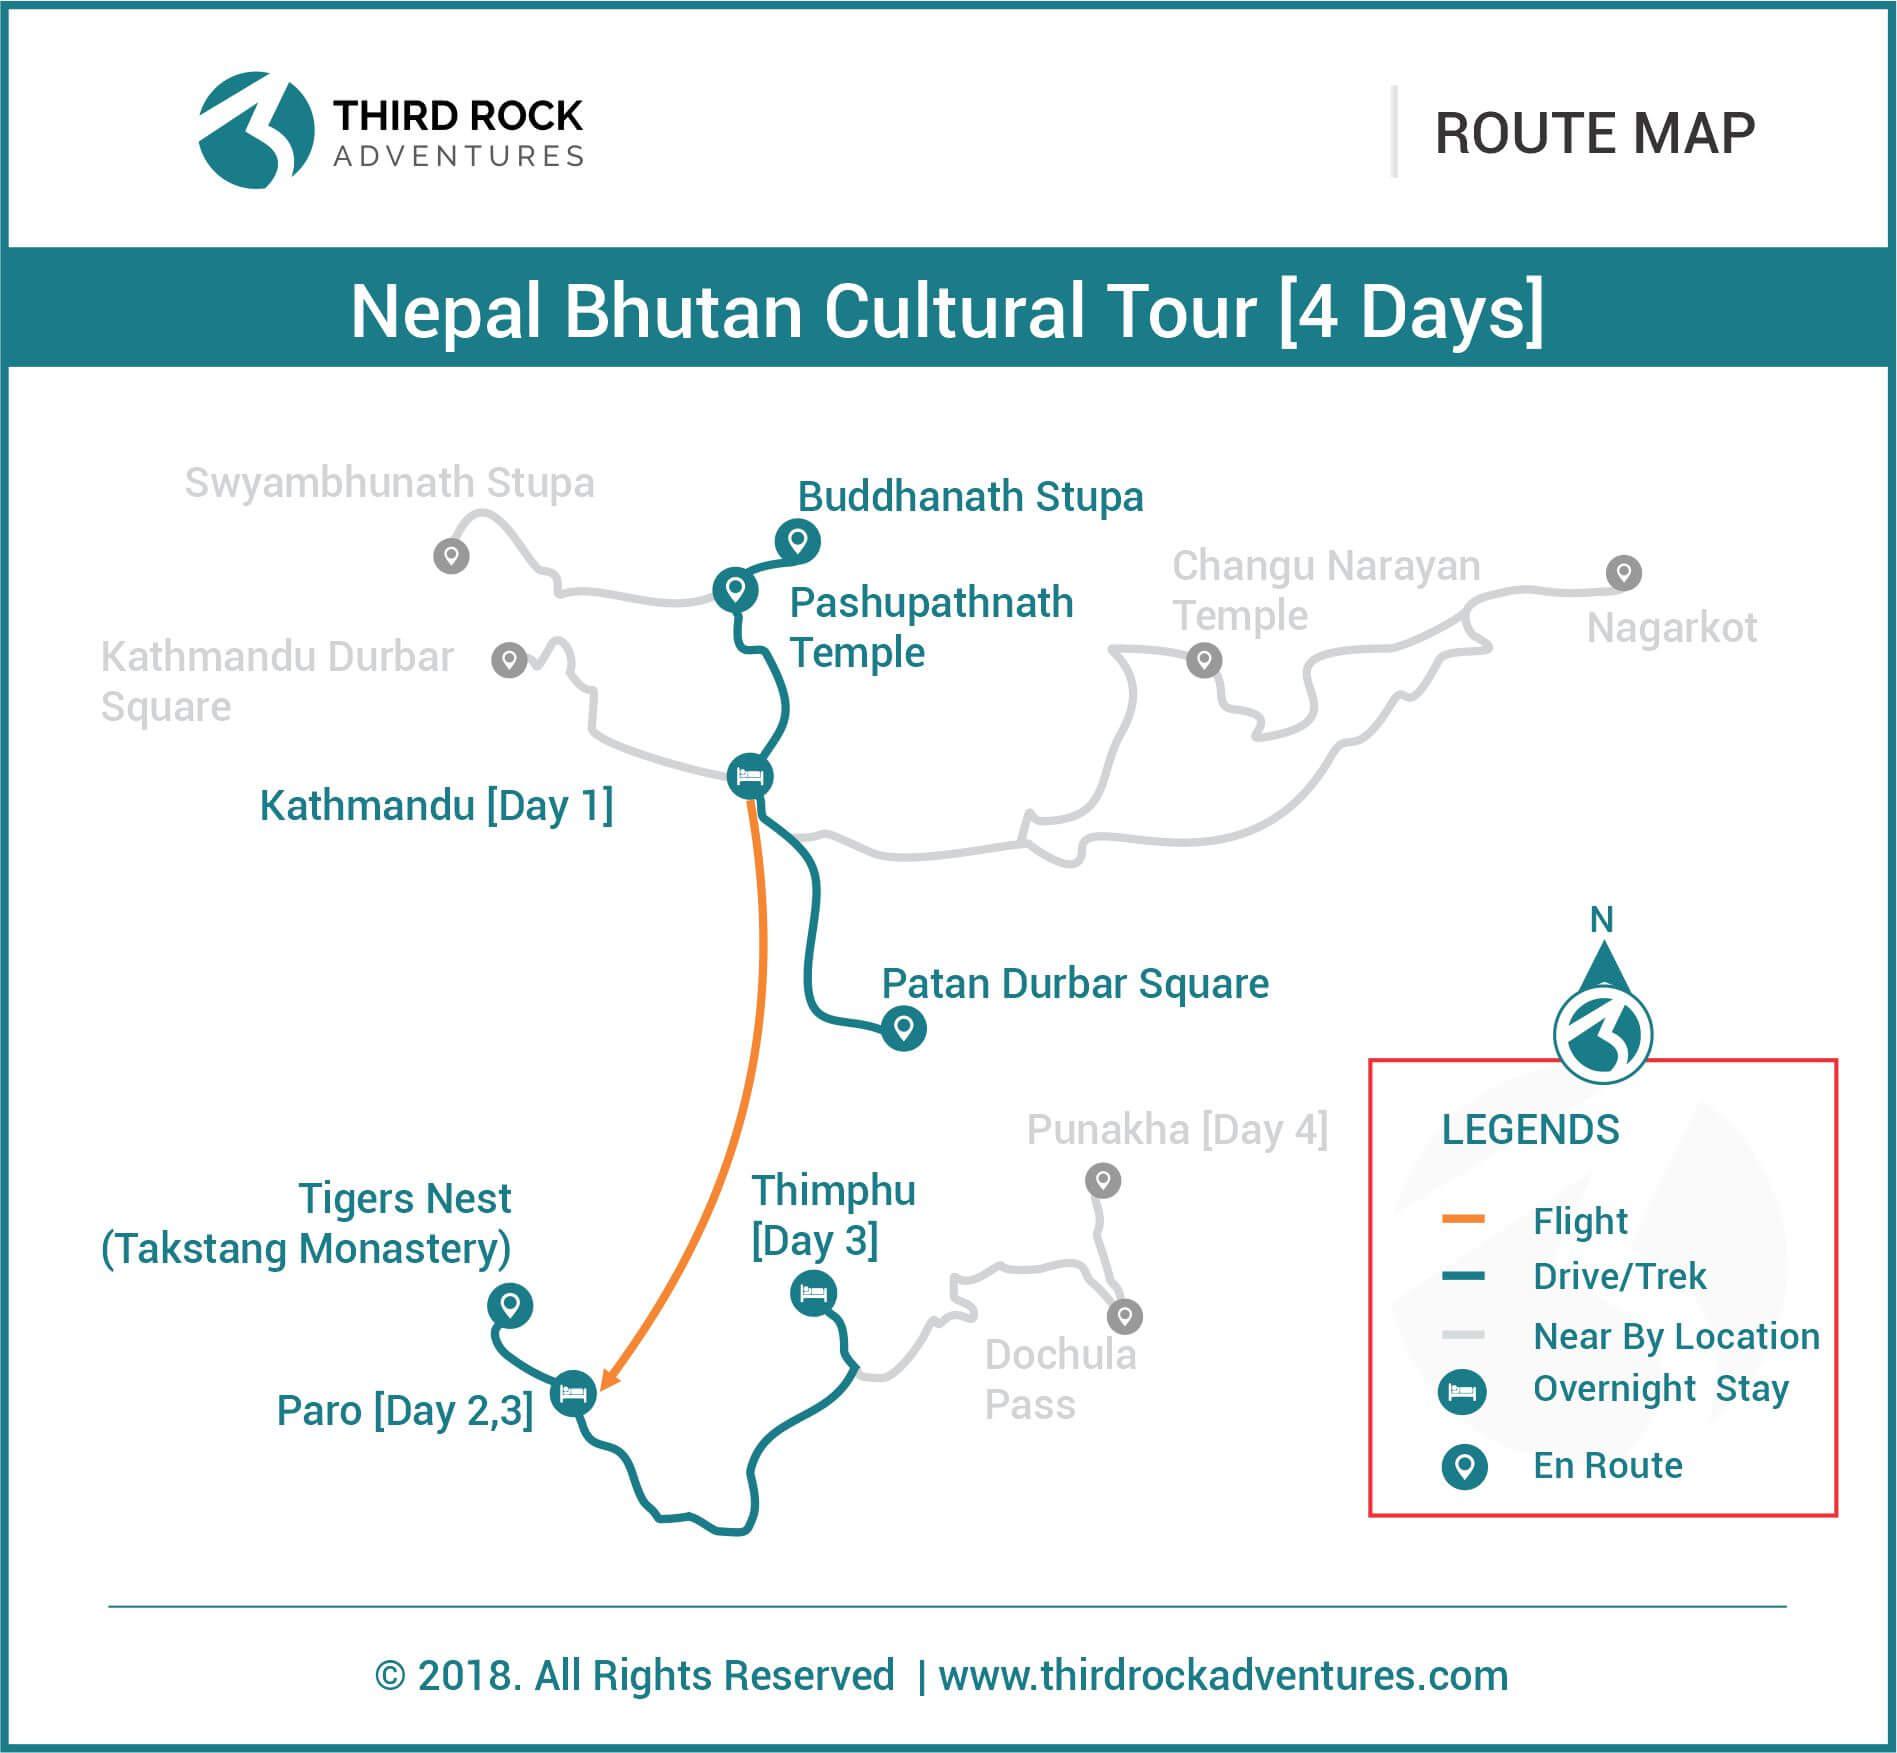 Nepal Bhutan Cultural Tour Route Map